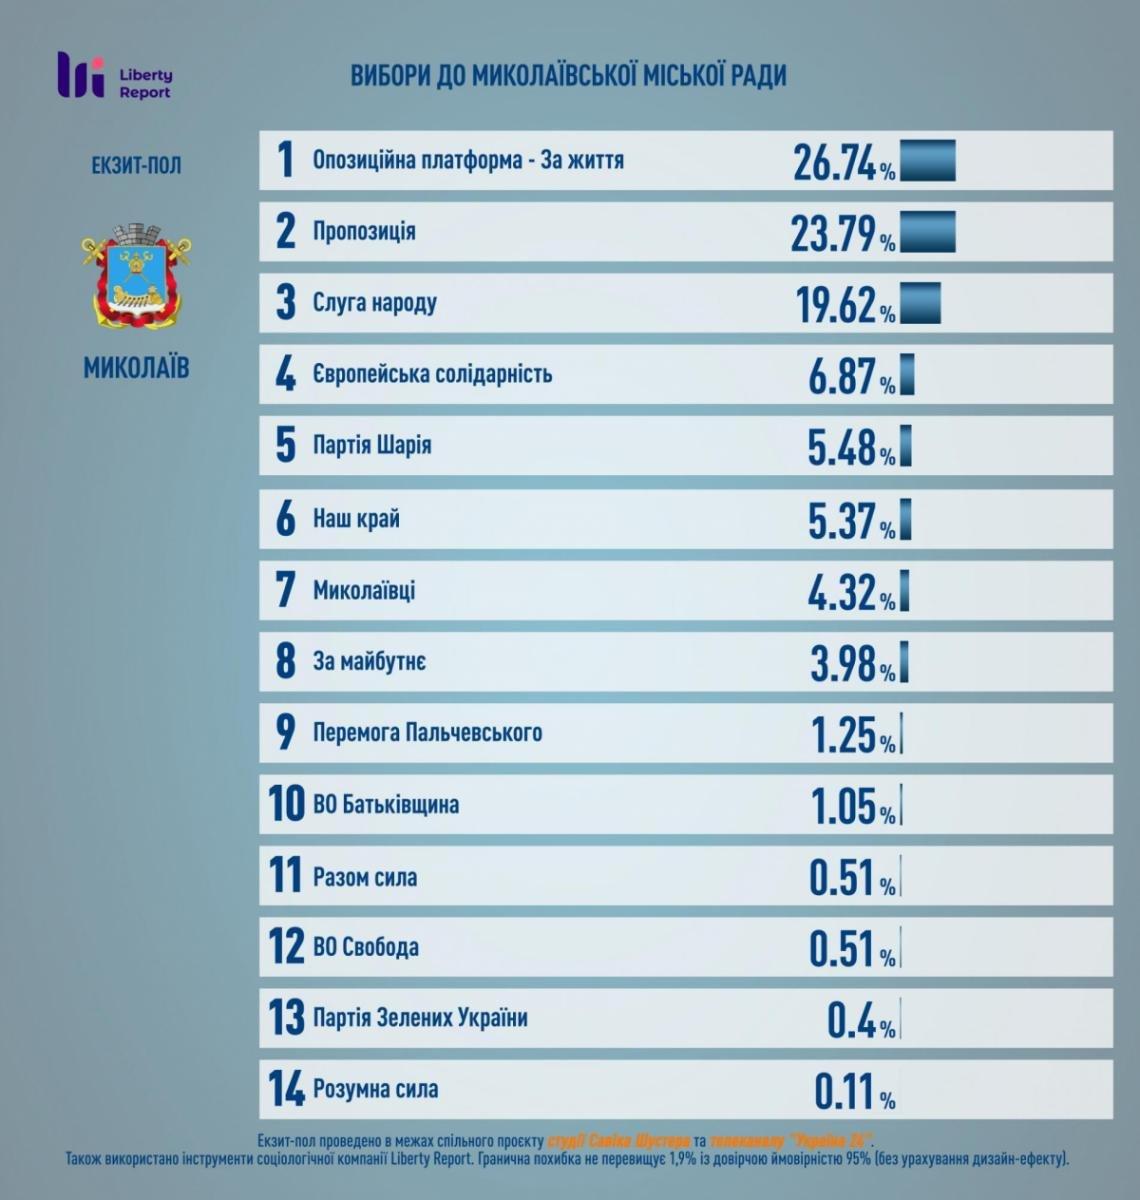 В Николаеве на выборах побеждает действующий мэр Сенкевич – экзит-пол